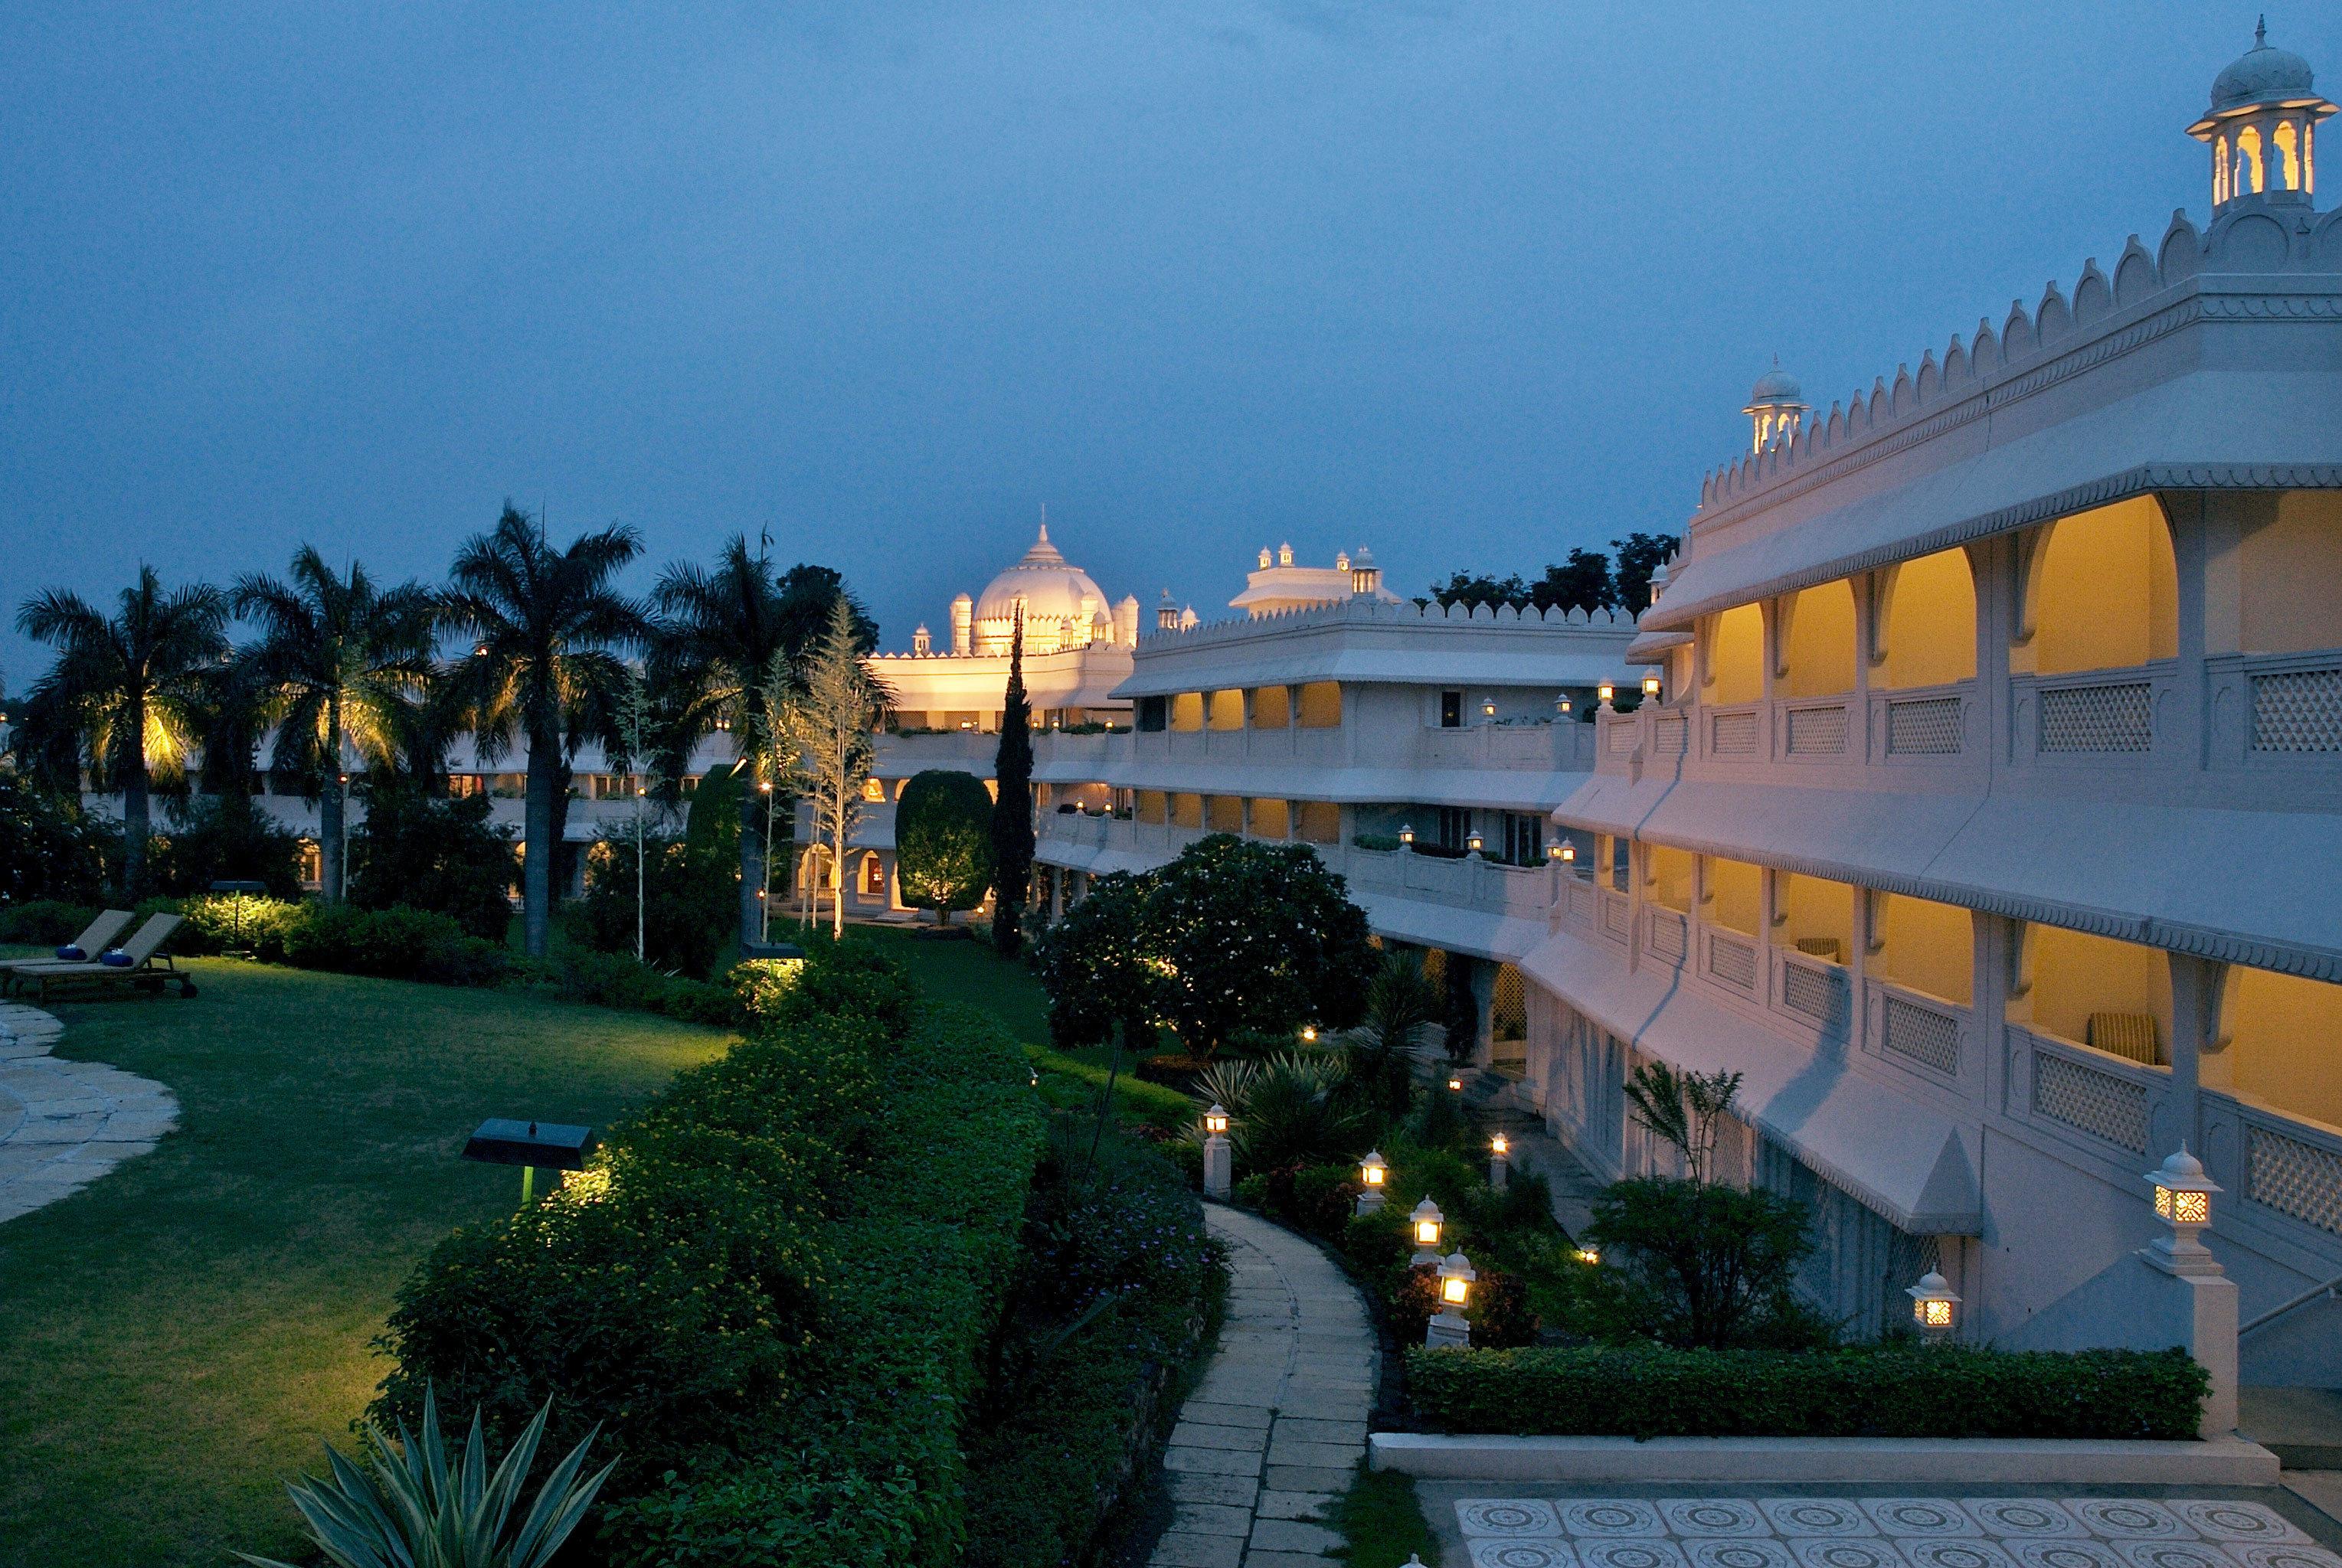 Exterior Grounds sky Resort Sea yellow palace place of worship